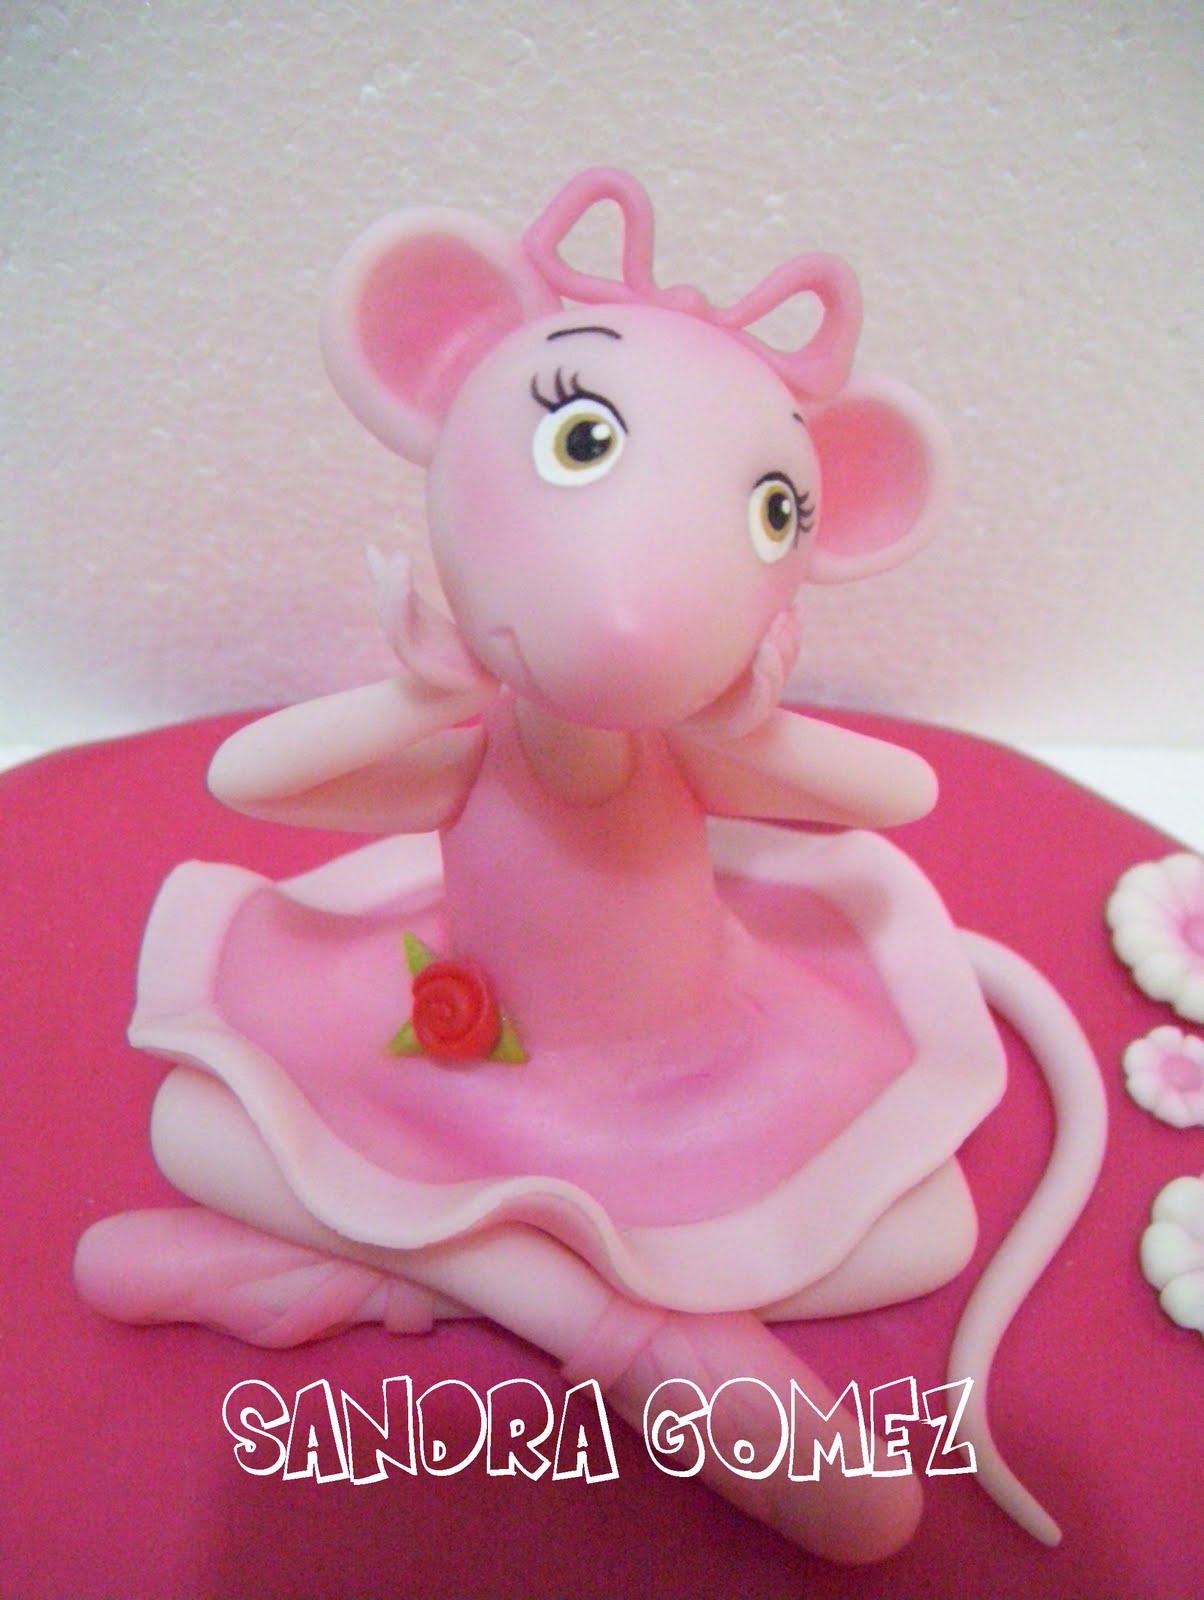 ... de tortas de angelina ballerina es una serie de dibujos animados